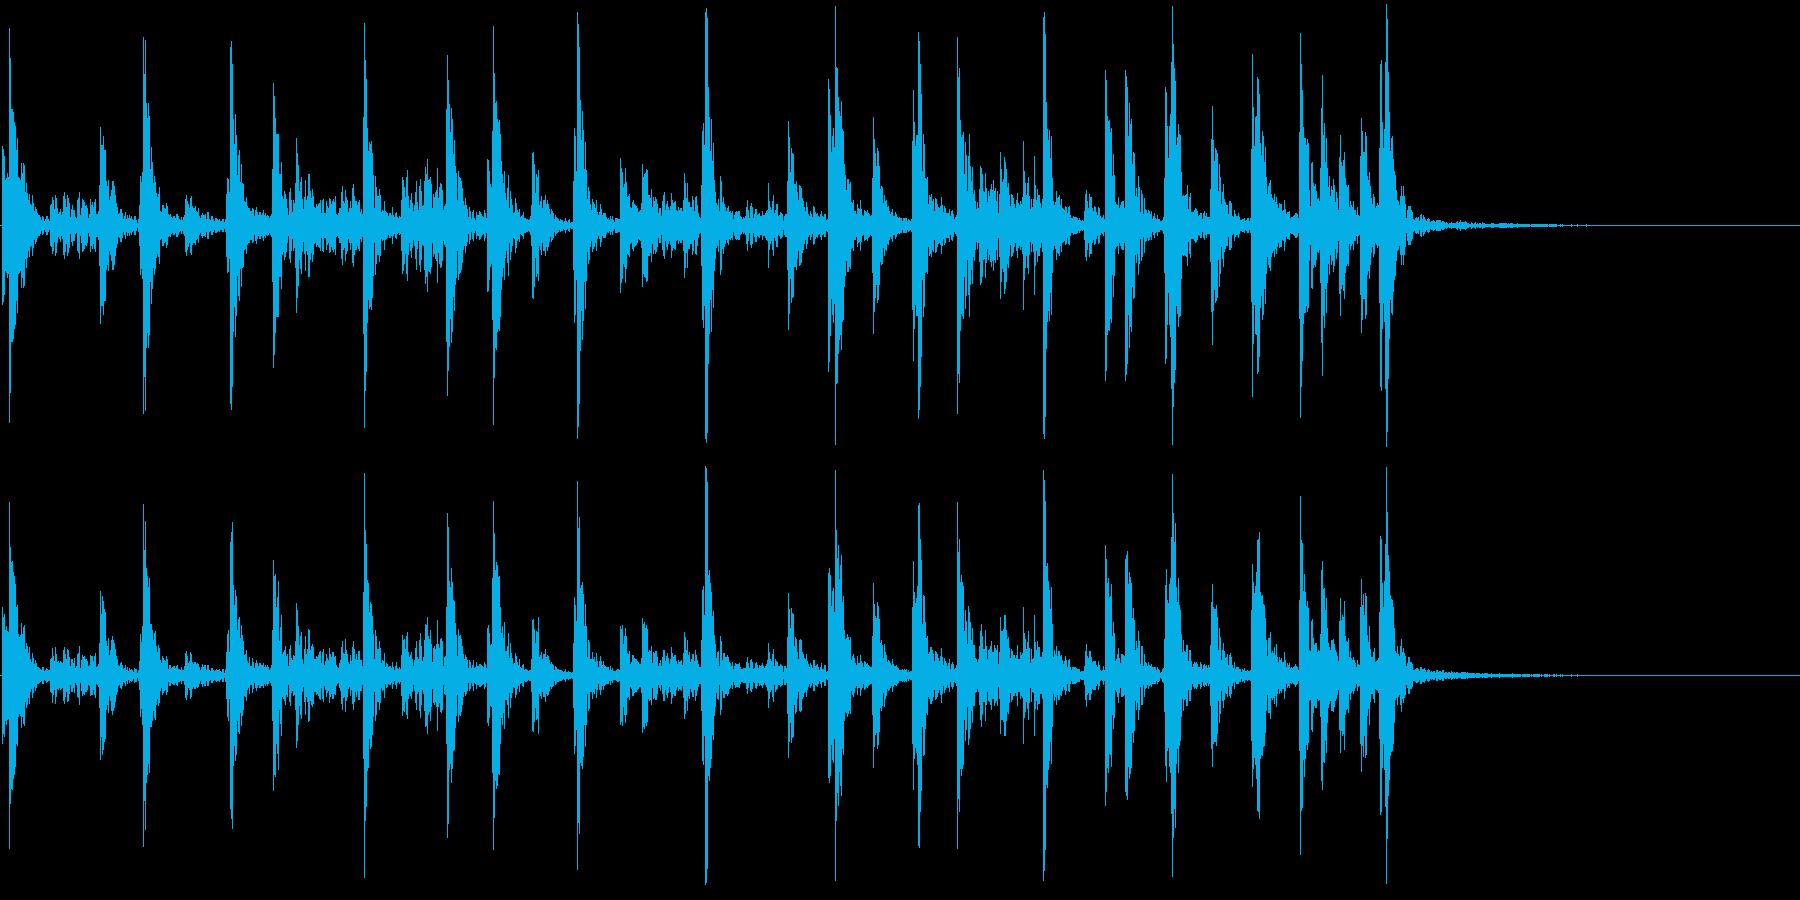 低音:リズムビート、漫画コメディパ...の再生済みの波形